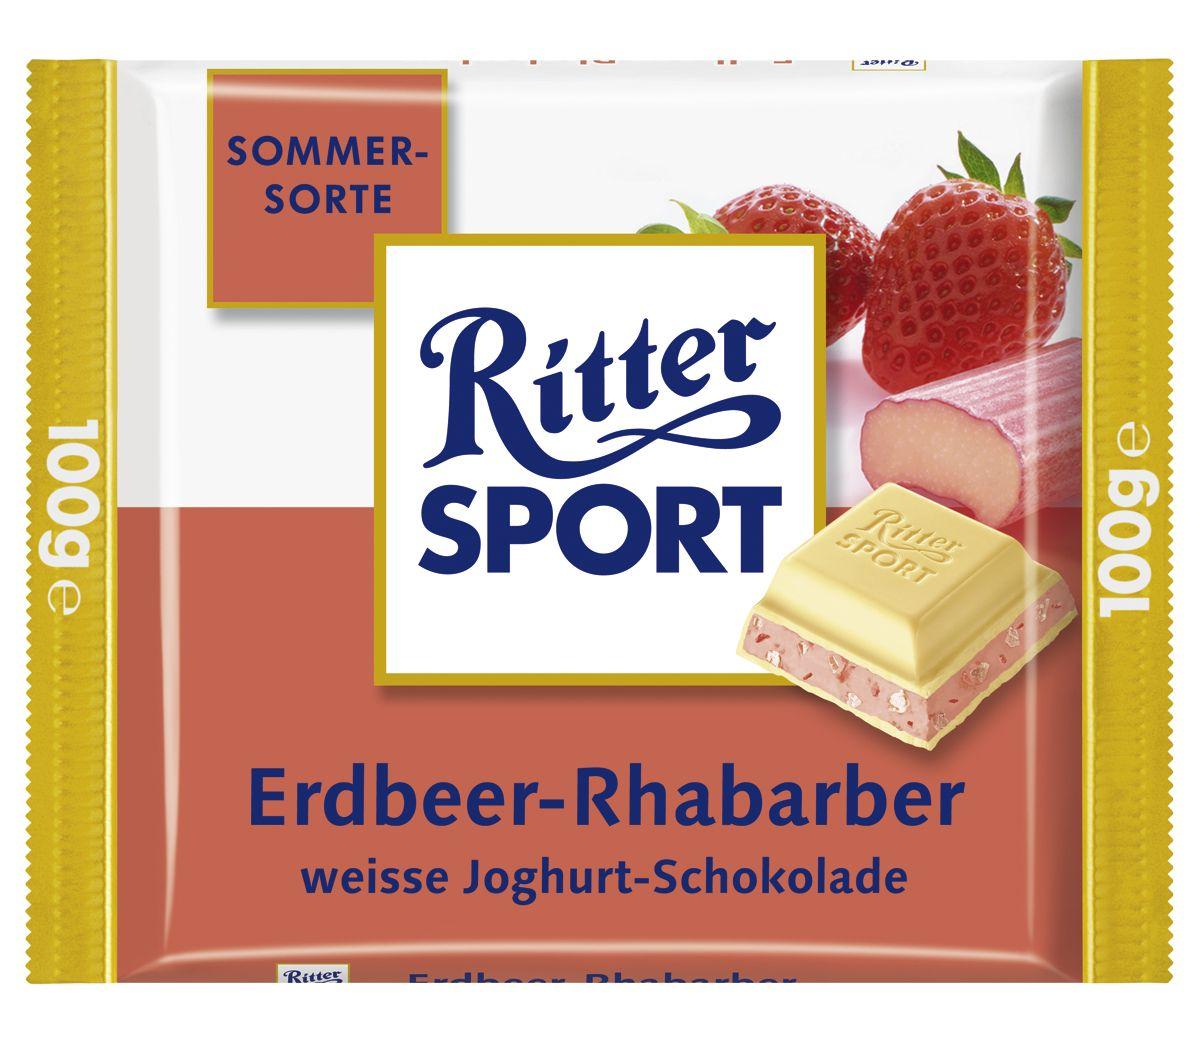 RITTER SPORT Erdbeer-Rhabarber (2006)